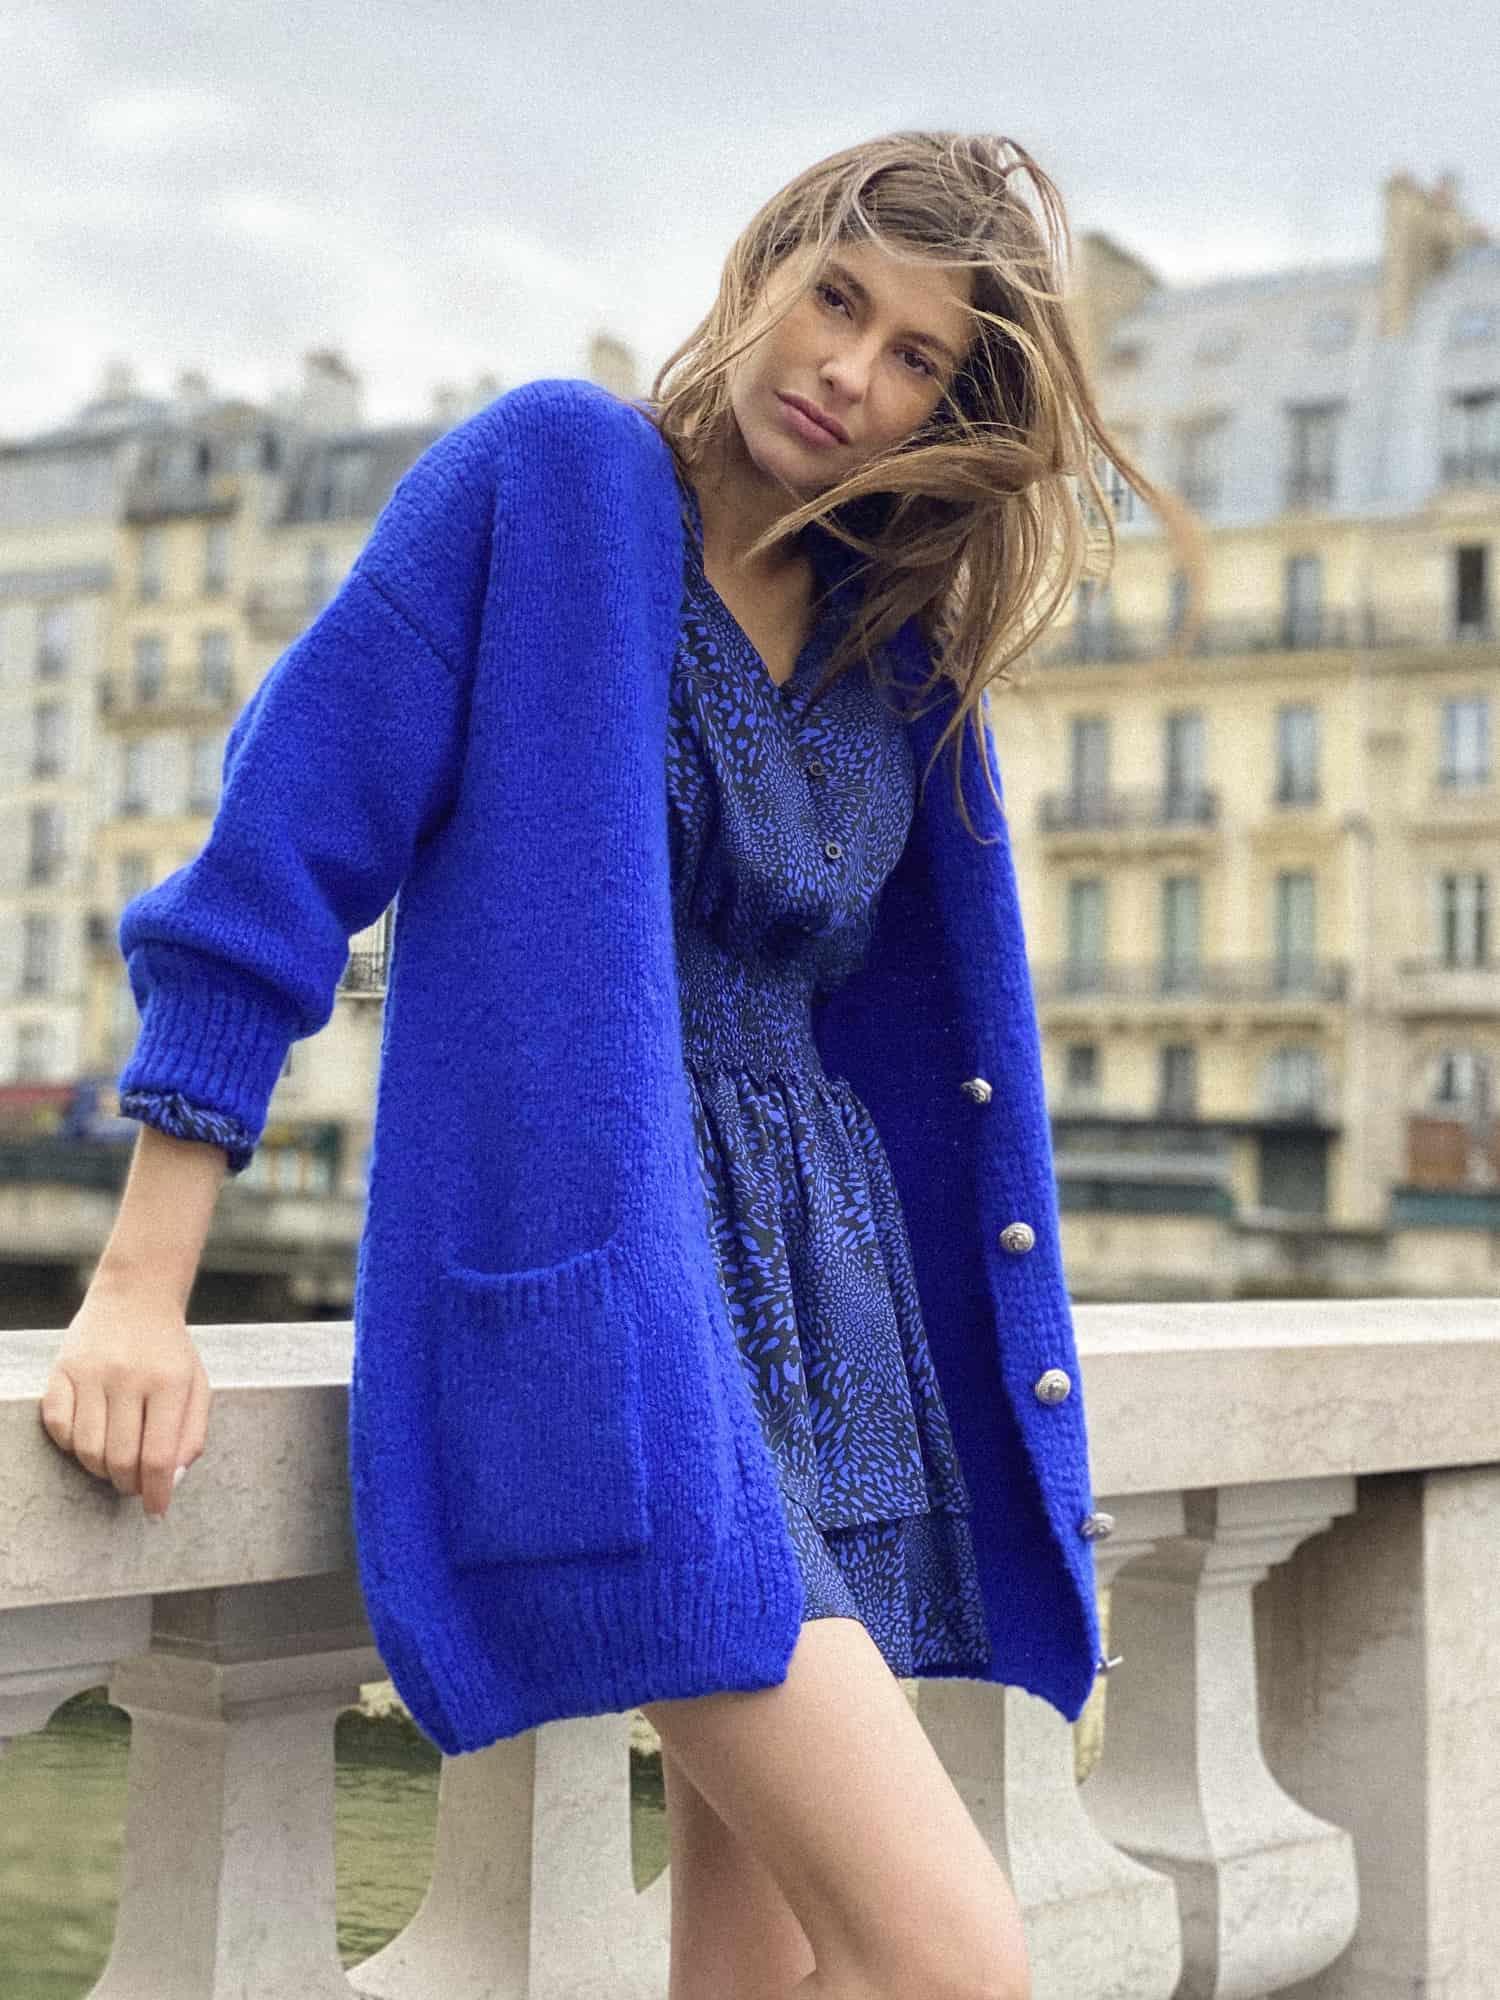 janice aw21 kobaltblauw vest